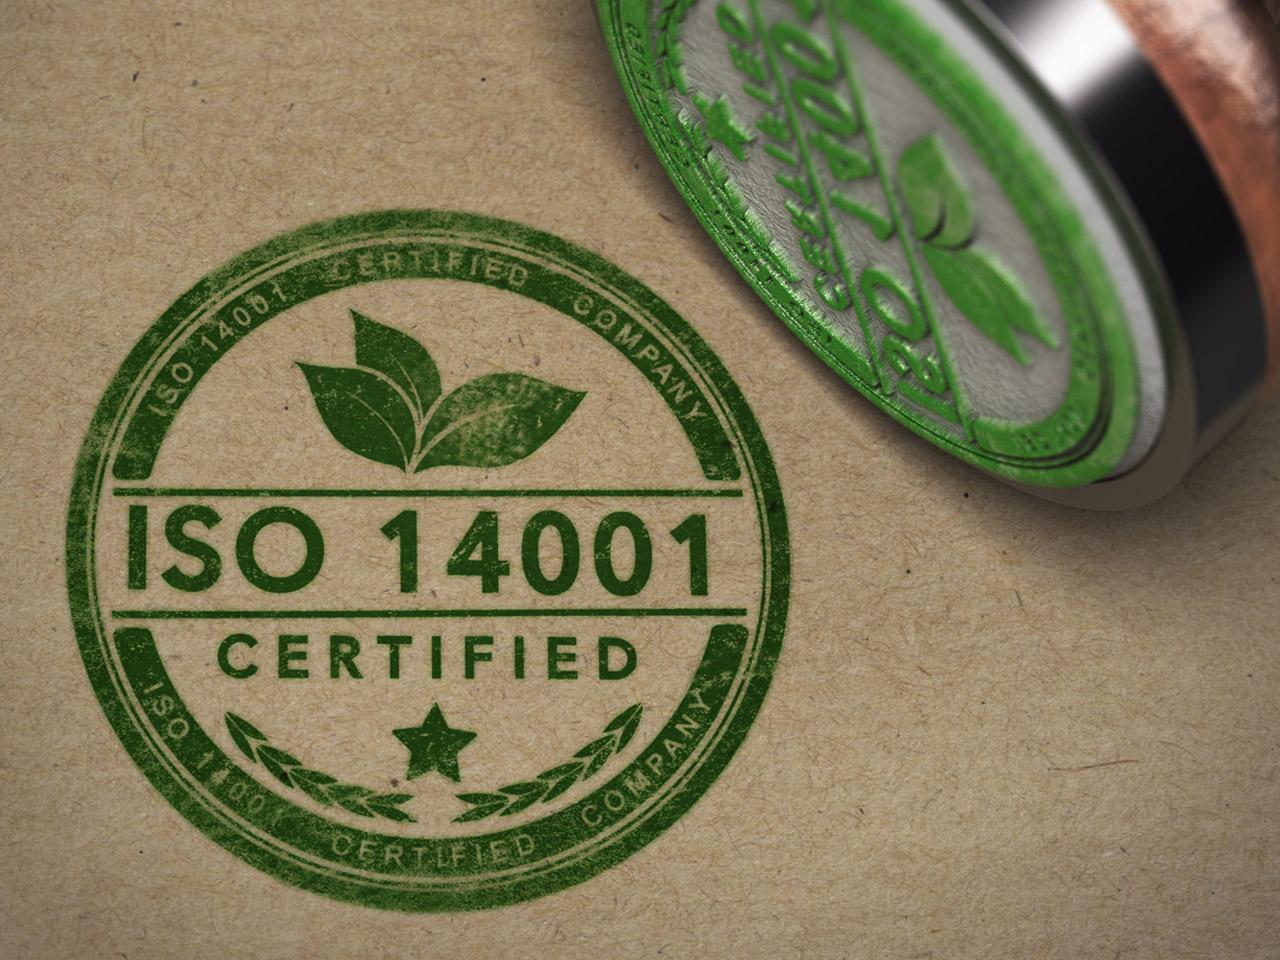 Aplicaciones Tecnológicas adapta e retifica o seu Sistema de Gestão do Meio Ambiente ISO 14001